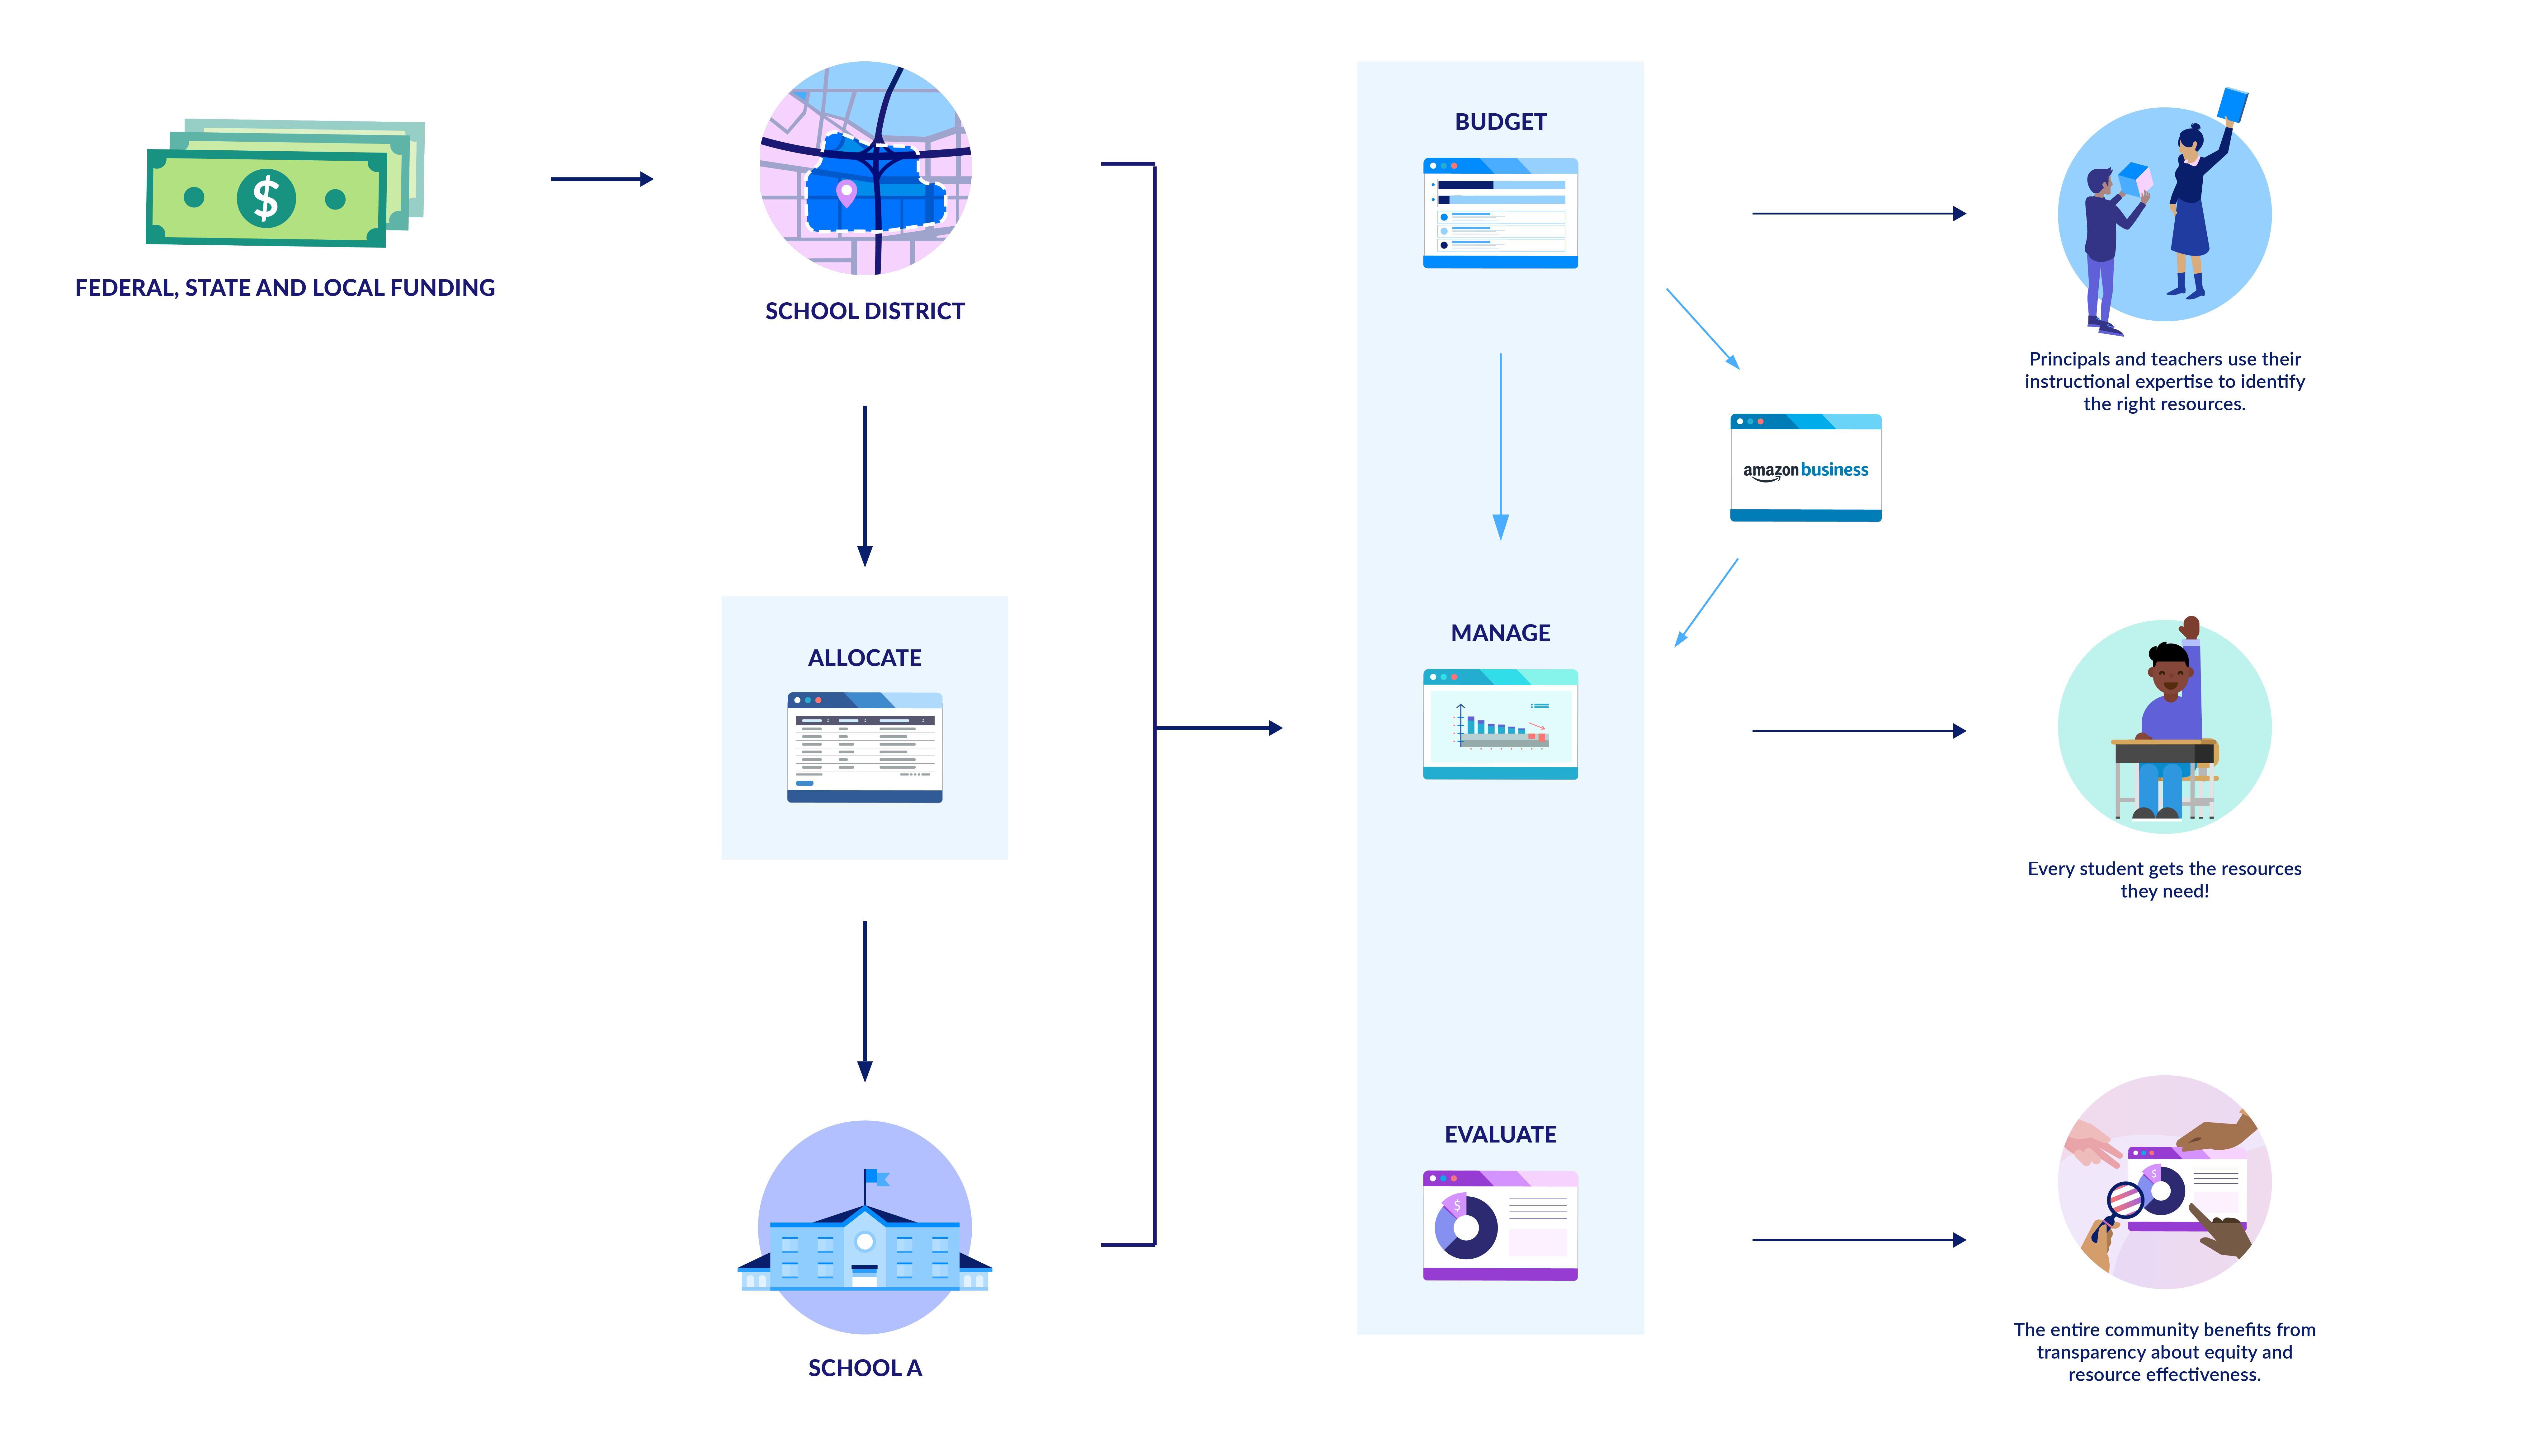 Edin_Cycle_Diagram_AMAZON